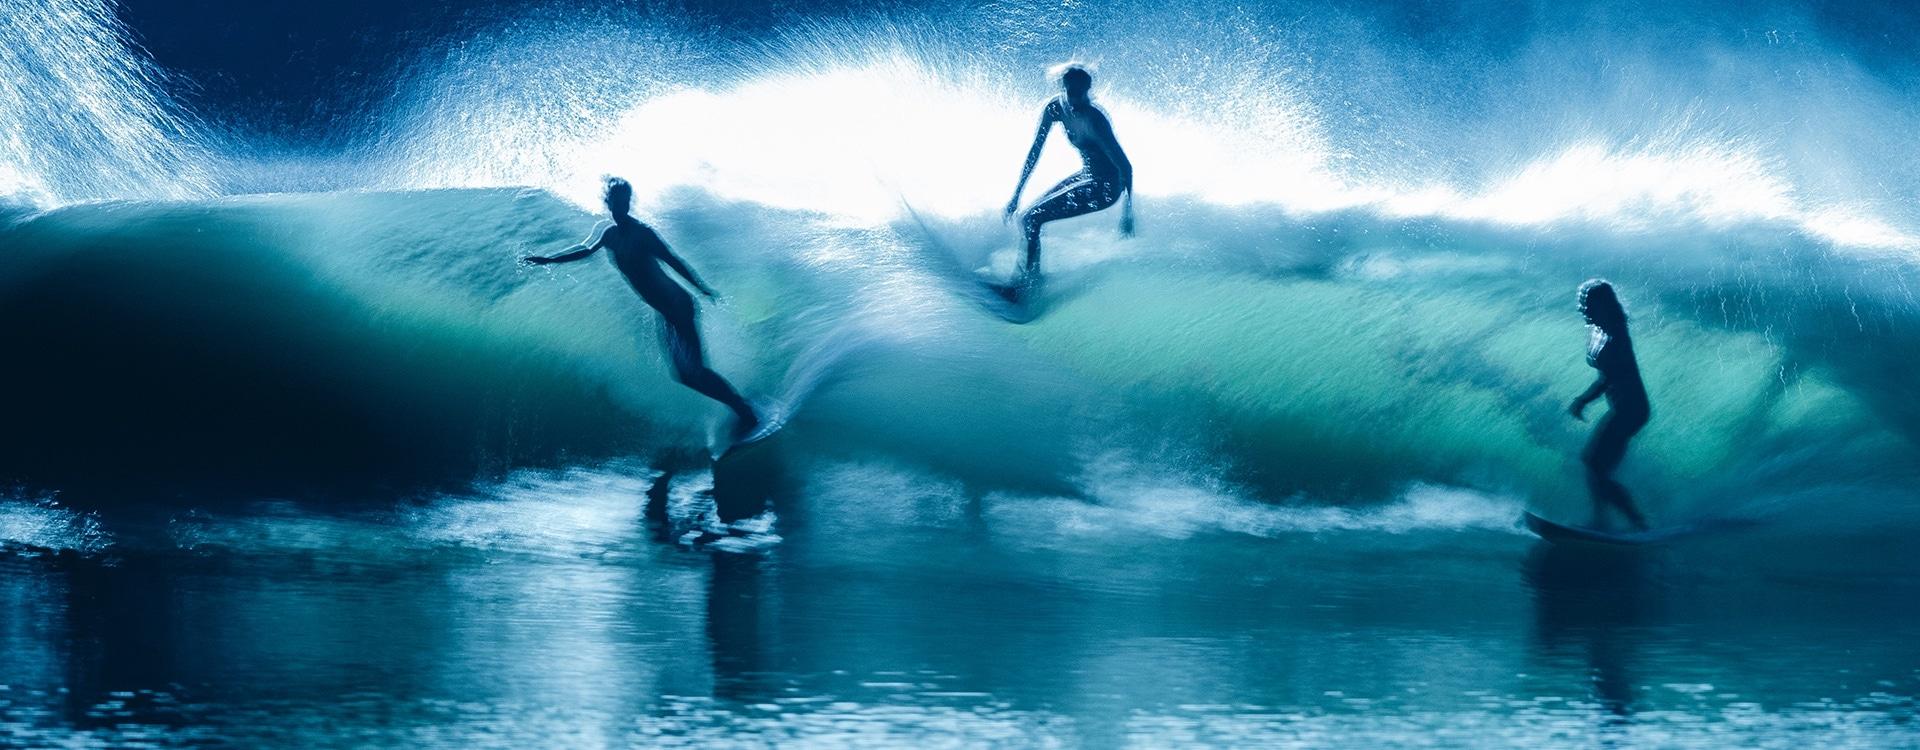 Futuristična slika treh surferjev med nočnim surfanjem